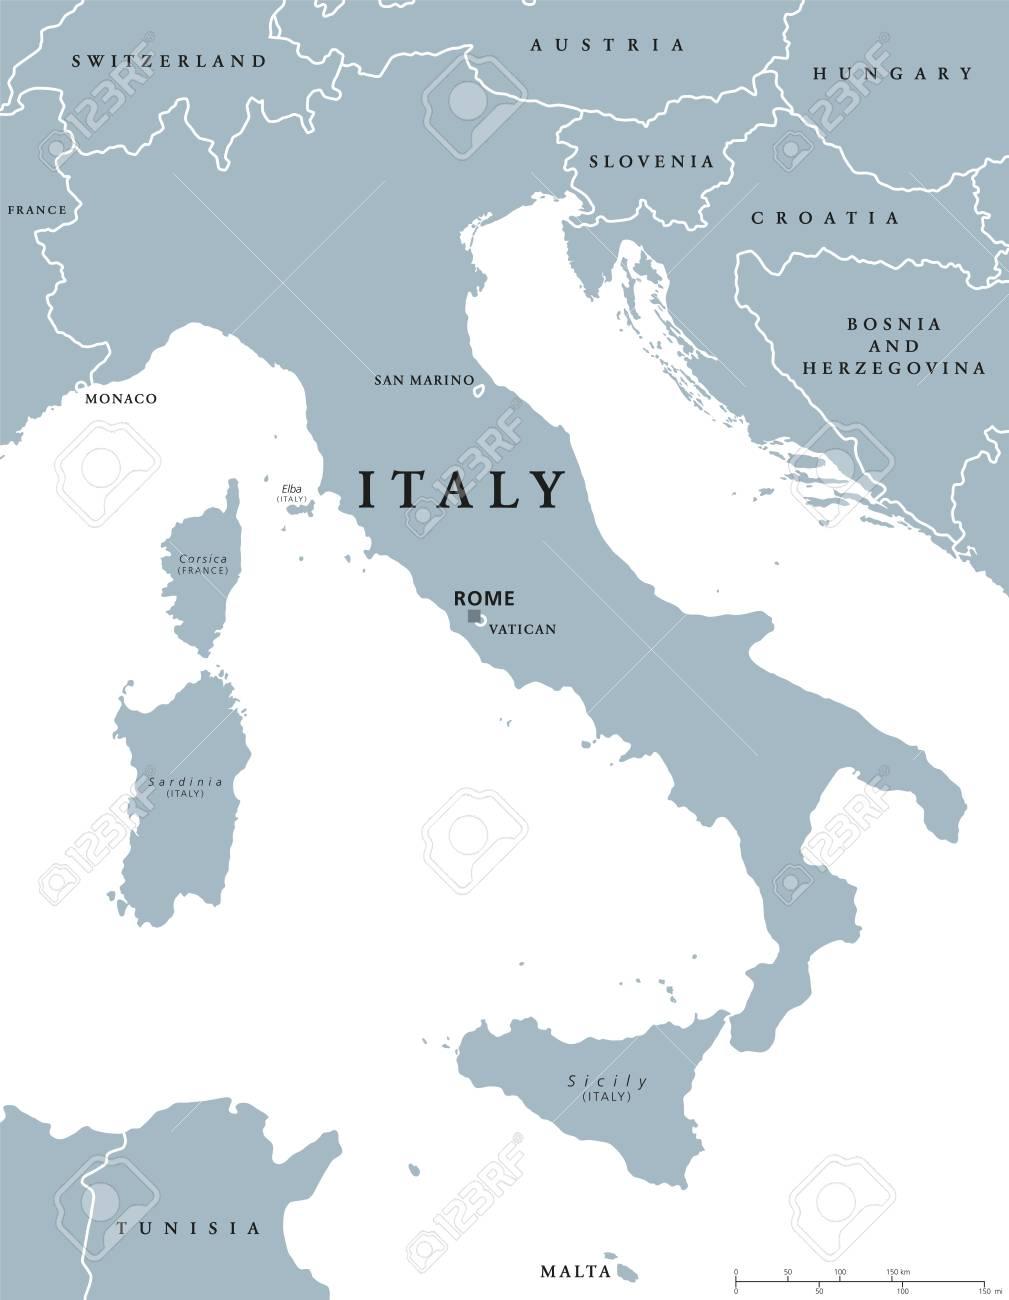 Mapa De Italia Roma.Mapa Politico De Italia Con La Capital Roma Con Fronteras Nacionales Y Paises Vecinos Ilustracion Gris Con Etiquetado Ingles Y Escala En El Fondo